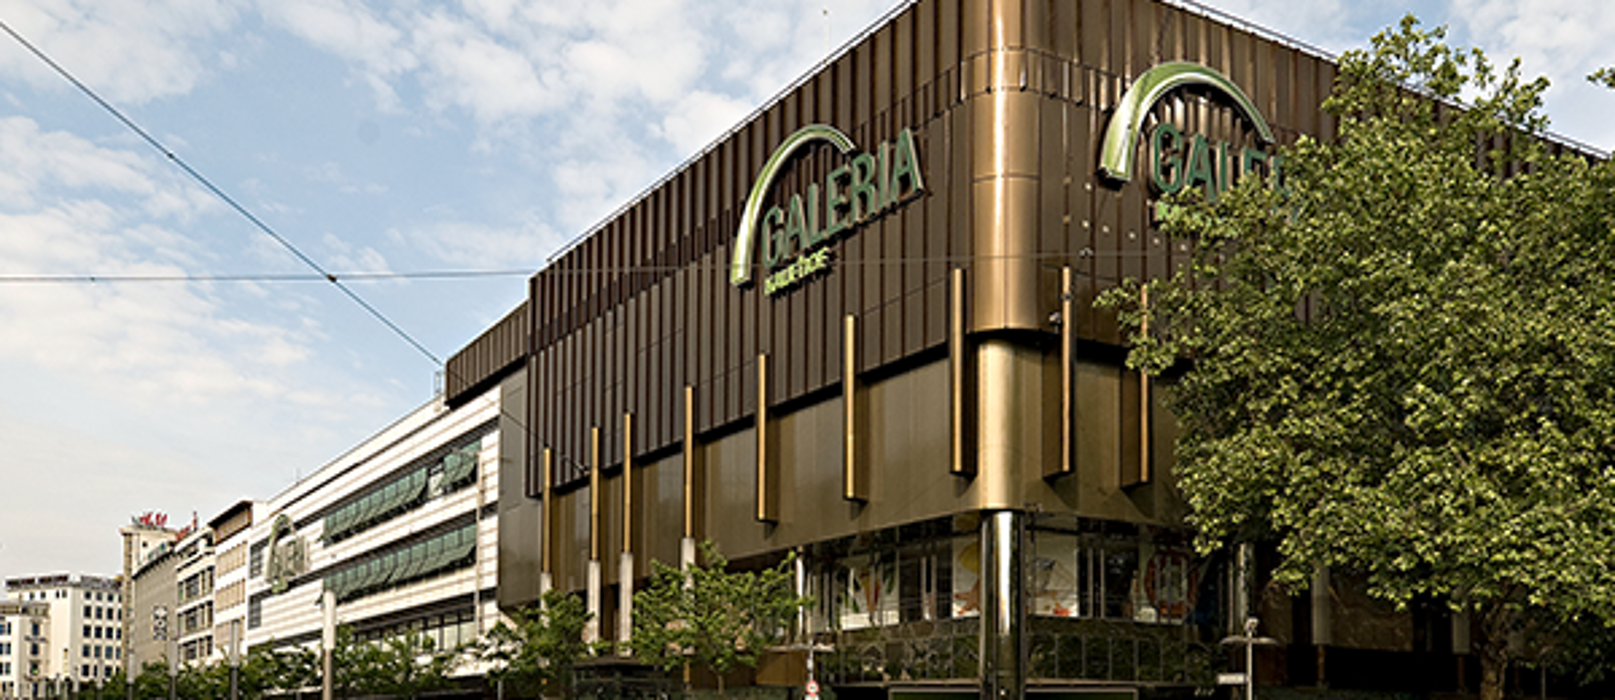 GALERIA (Kaufhof) Hannover am Ernst-August-Platz, Ernst-August-Platz in Hannover